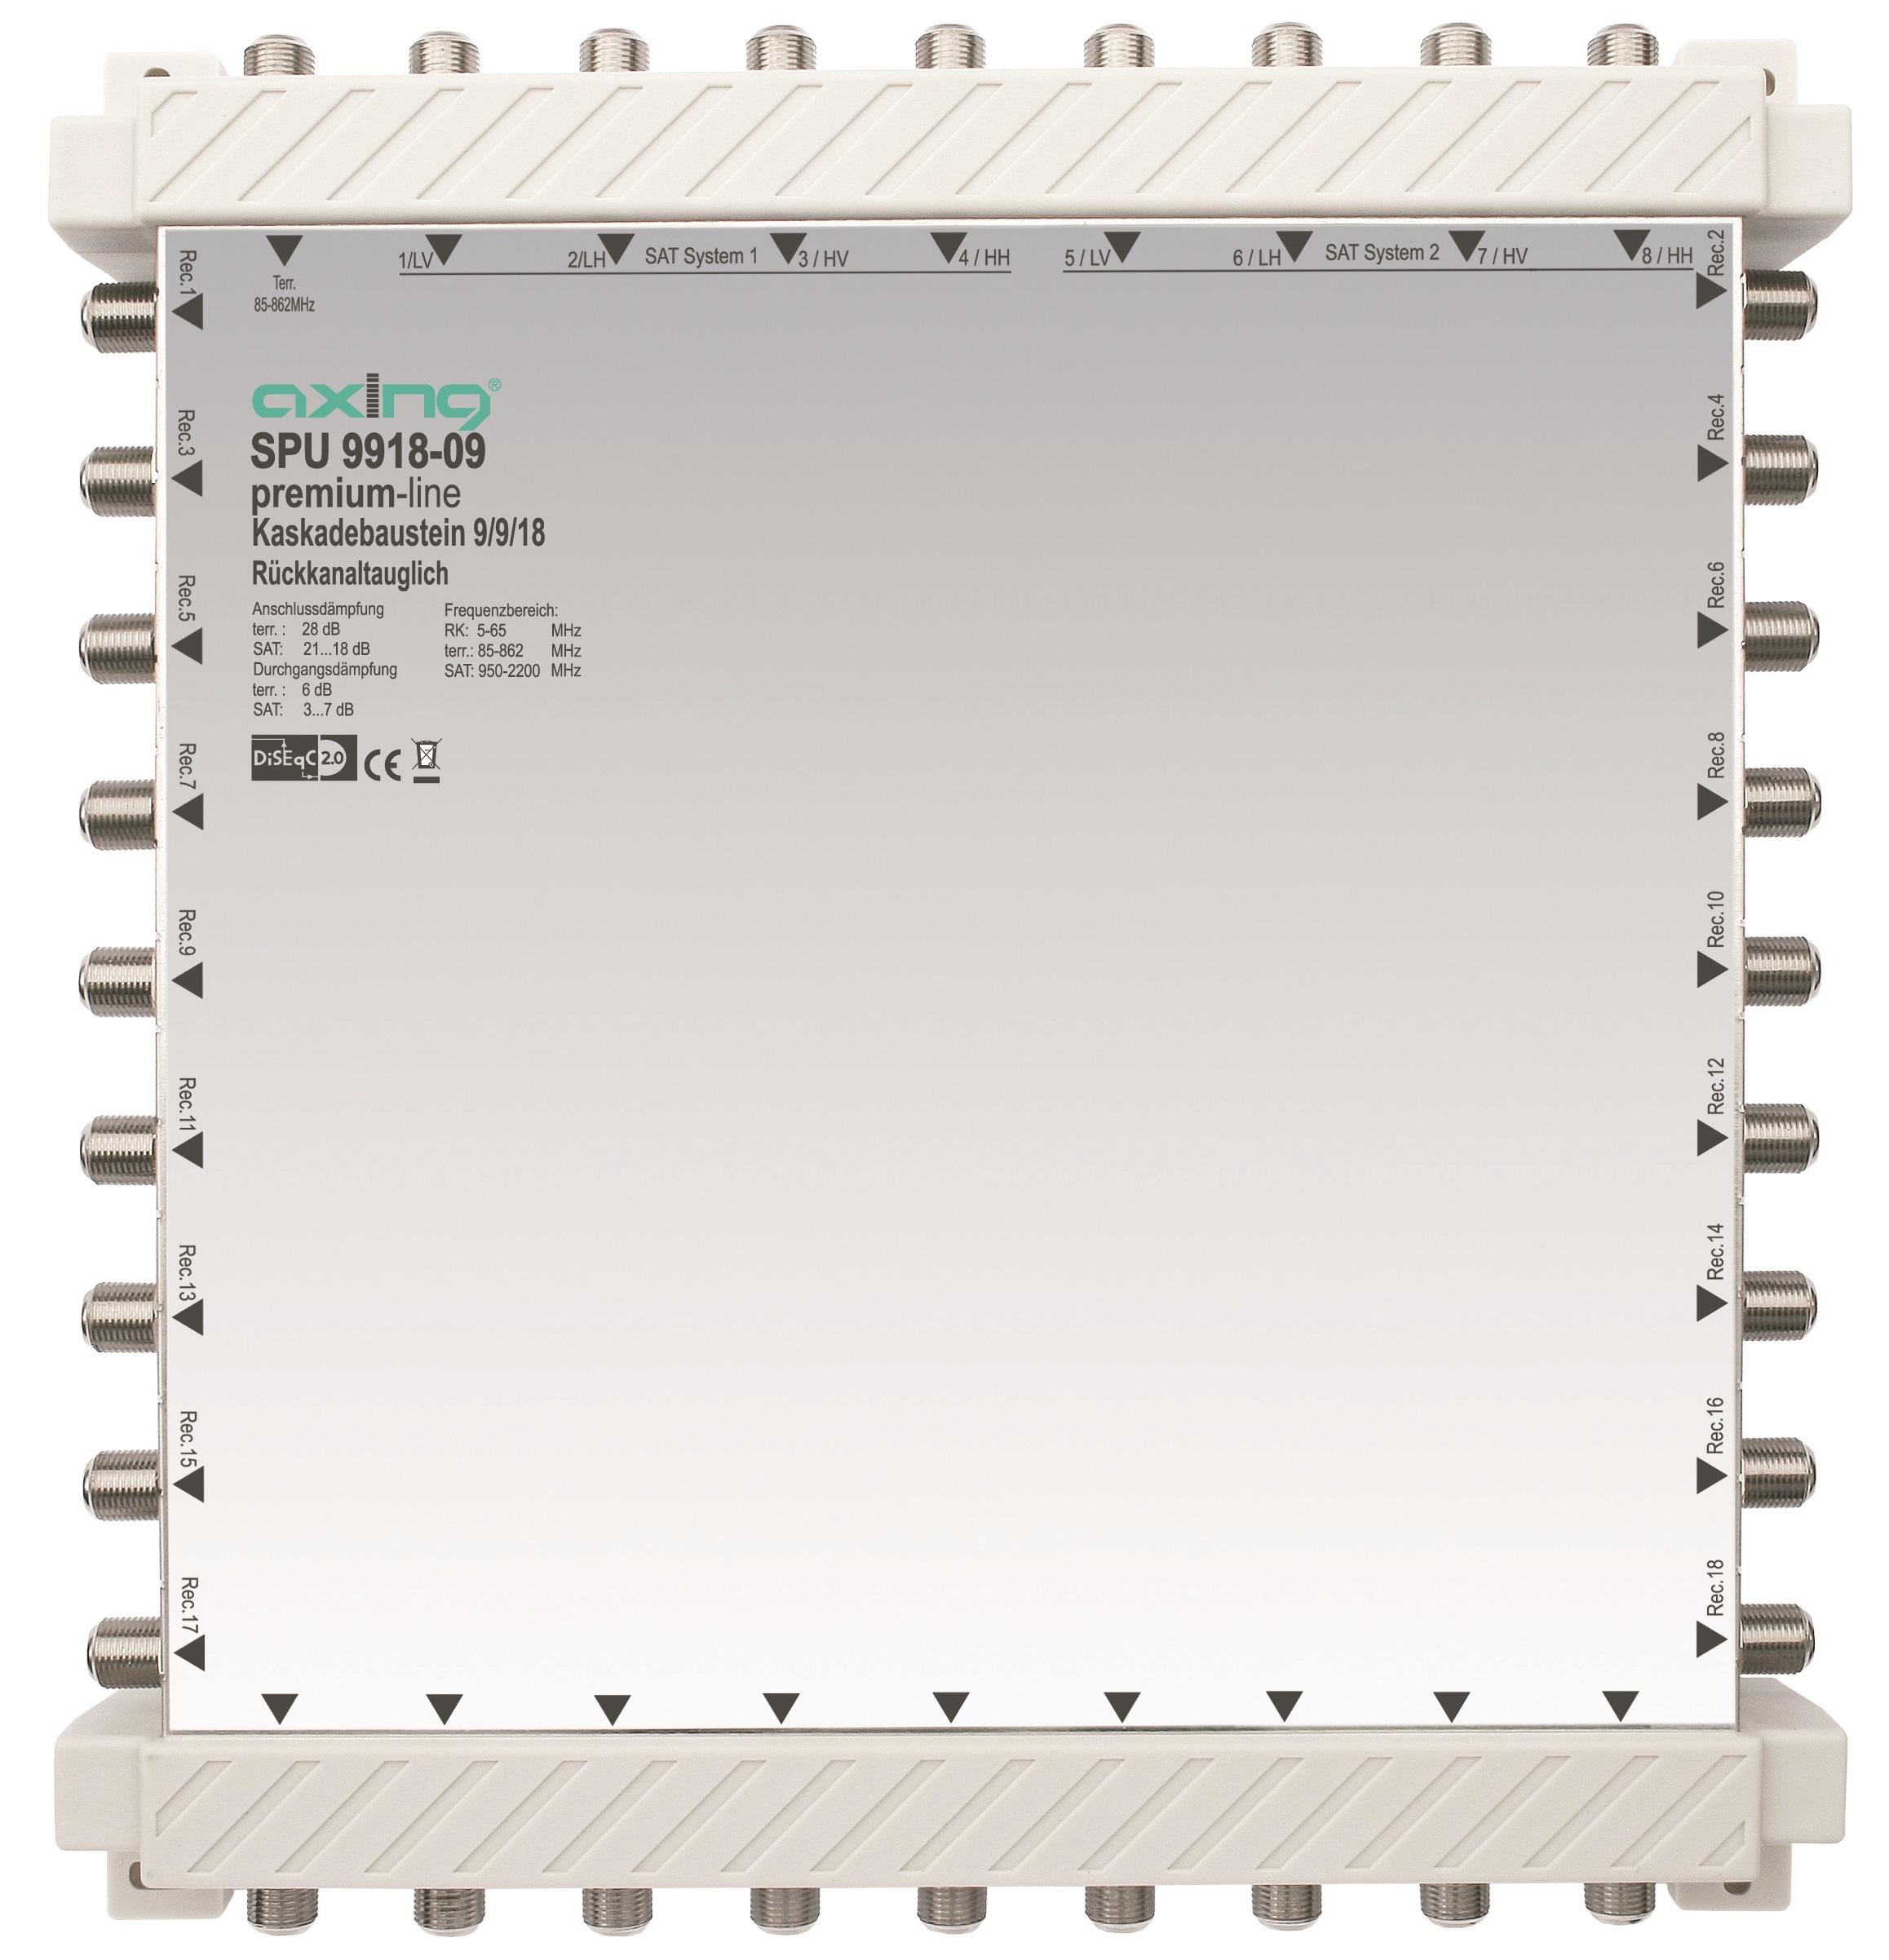 1 Stk SAT Kaskadierbaustein 9 in18 passiv f.HSATS9xxKA,SPU 9918-09 HSATSK918A